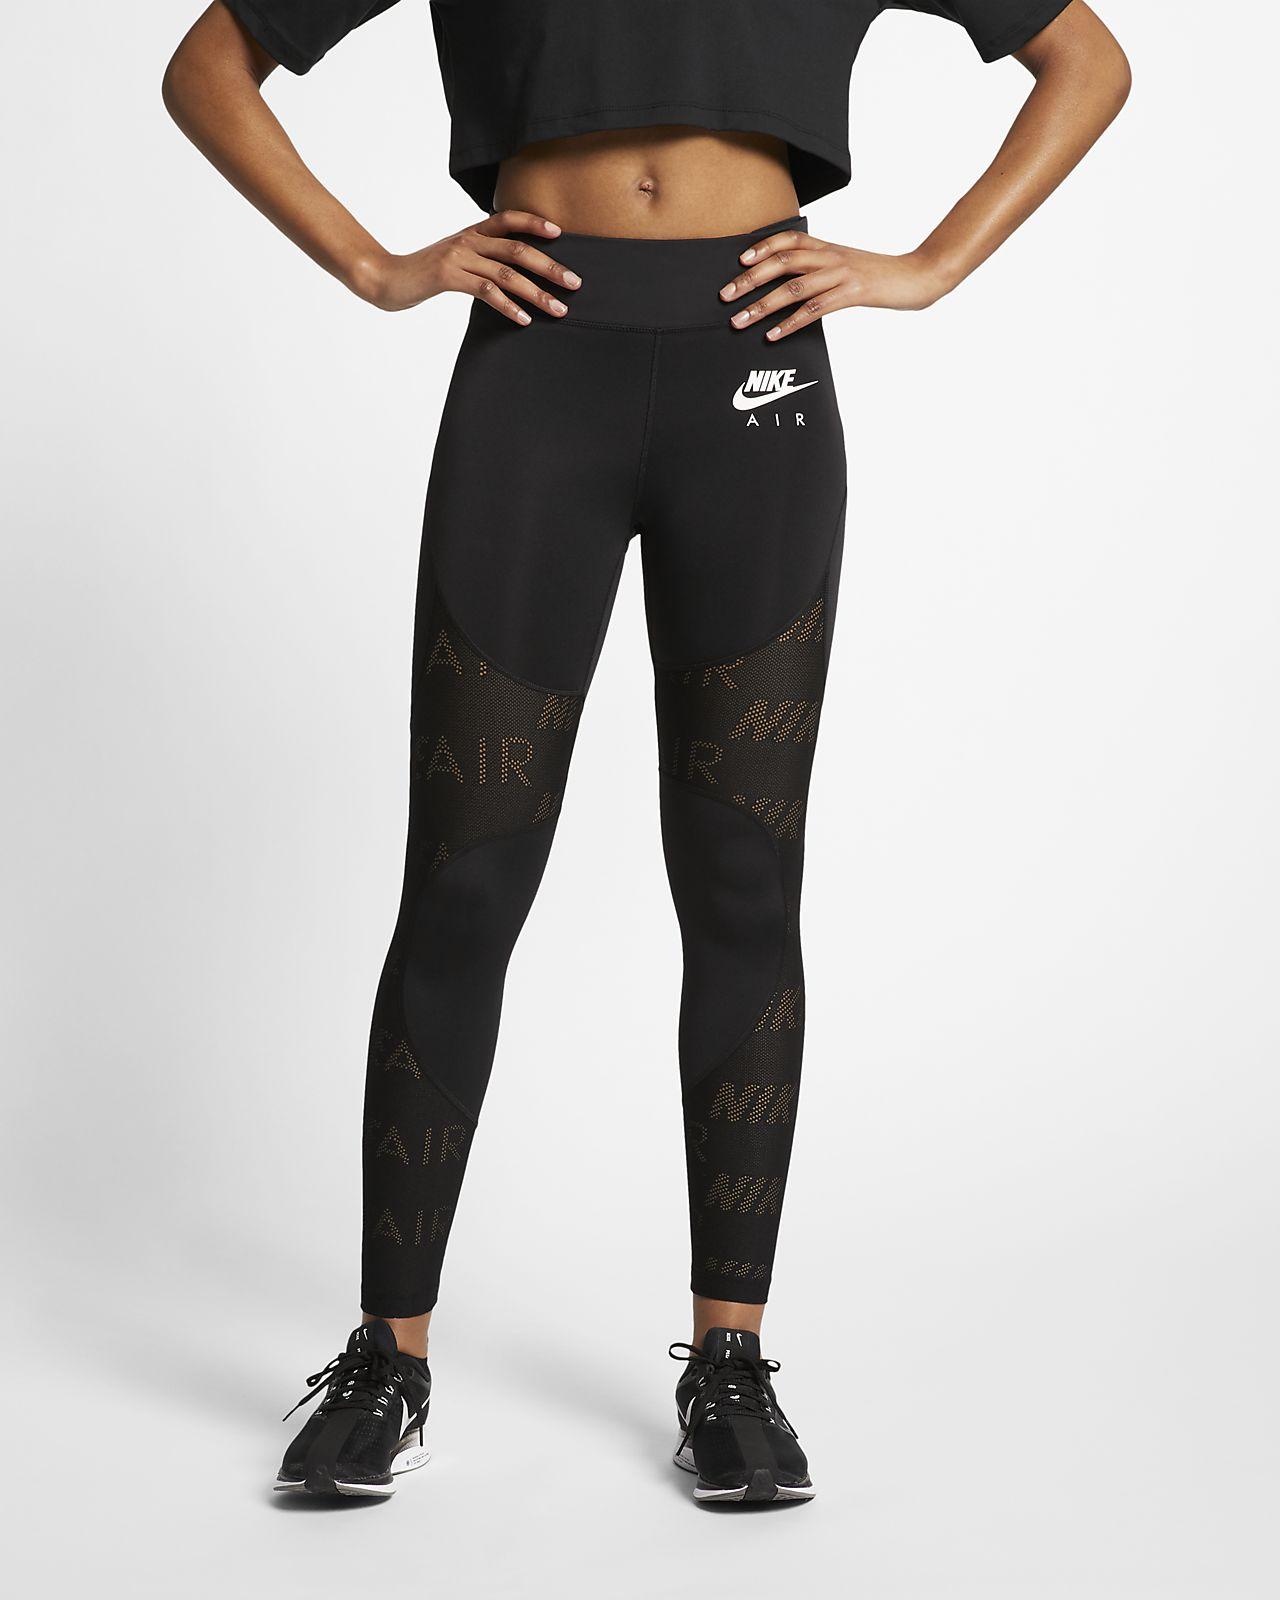 Nike Air Fast Mallas de running de 7/8 - Mujer